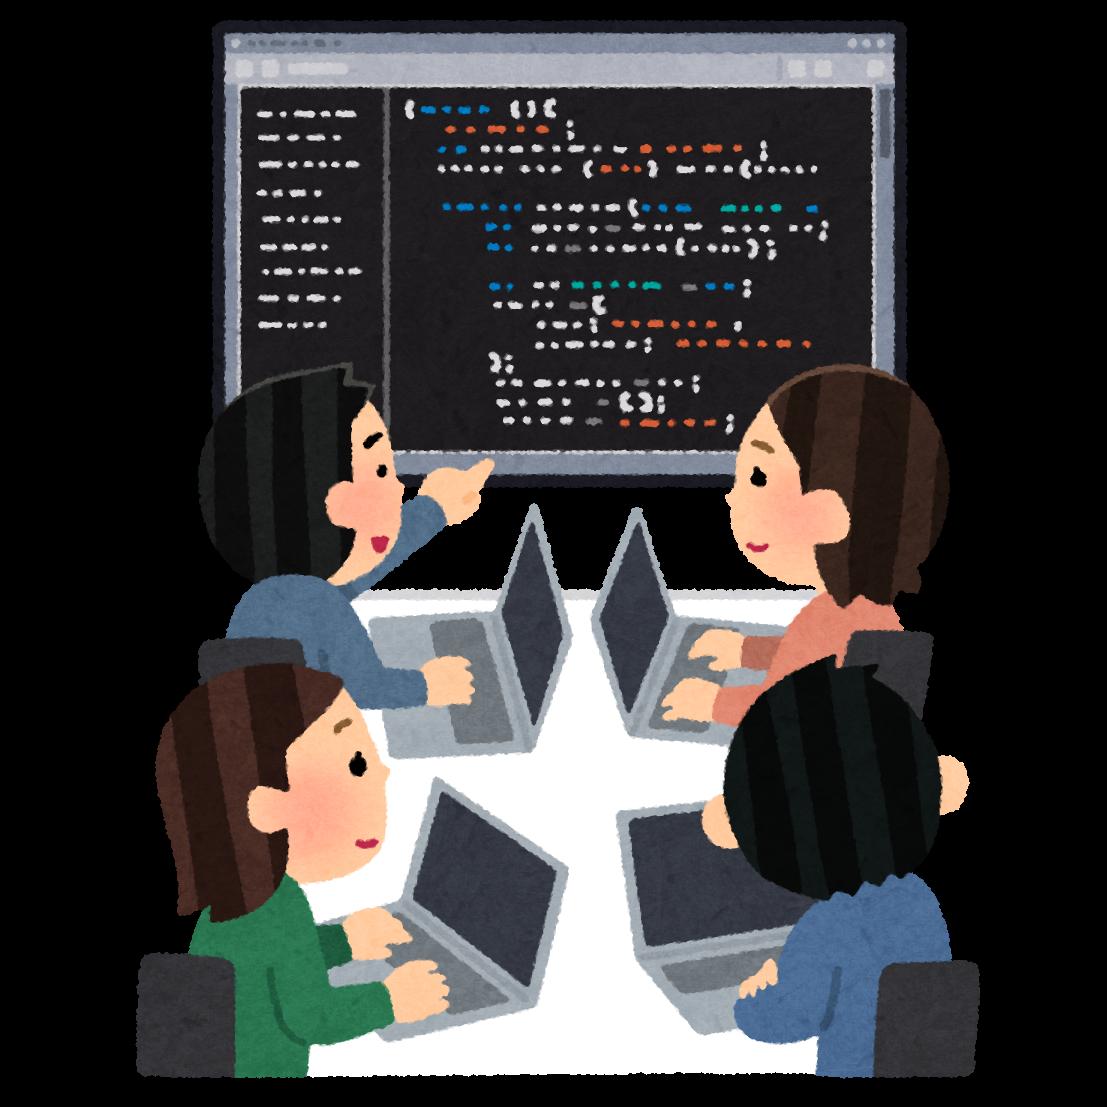 チームでプログラミングをしているイラスト | かわいいフリー素材集 ...